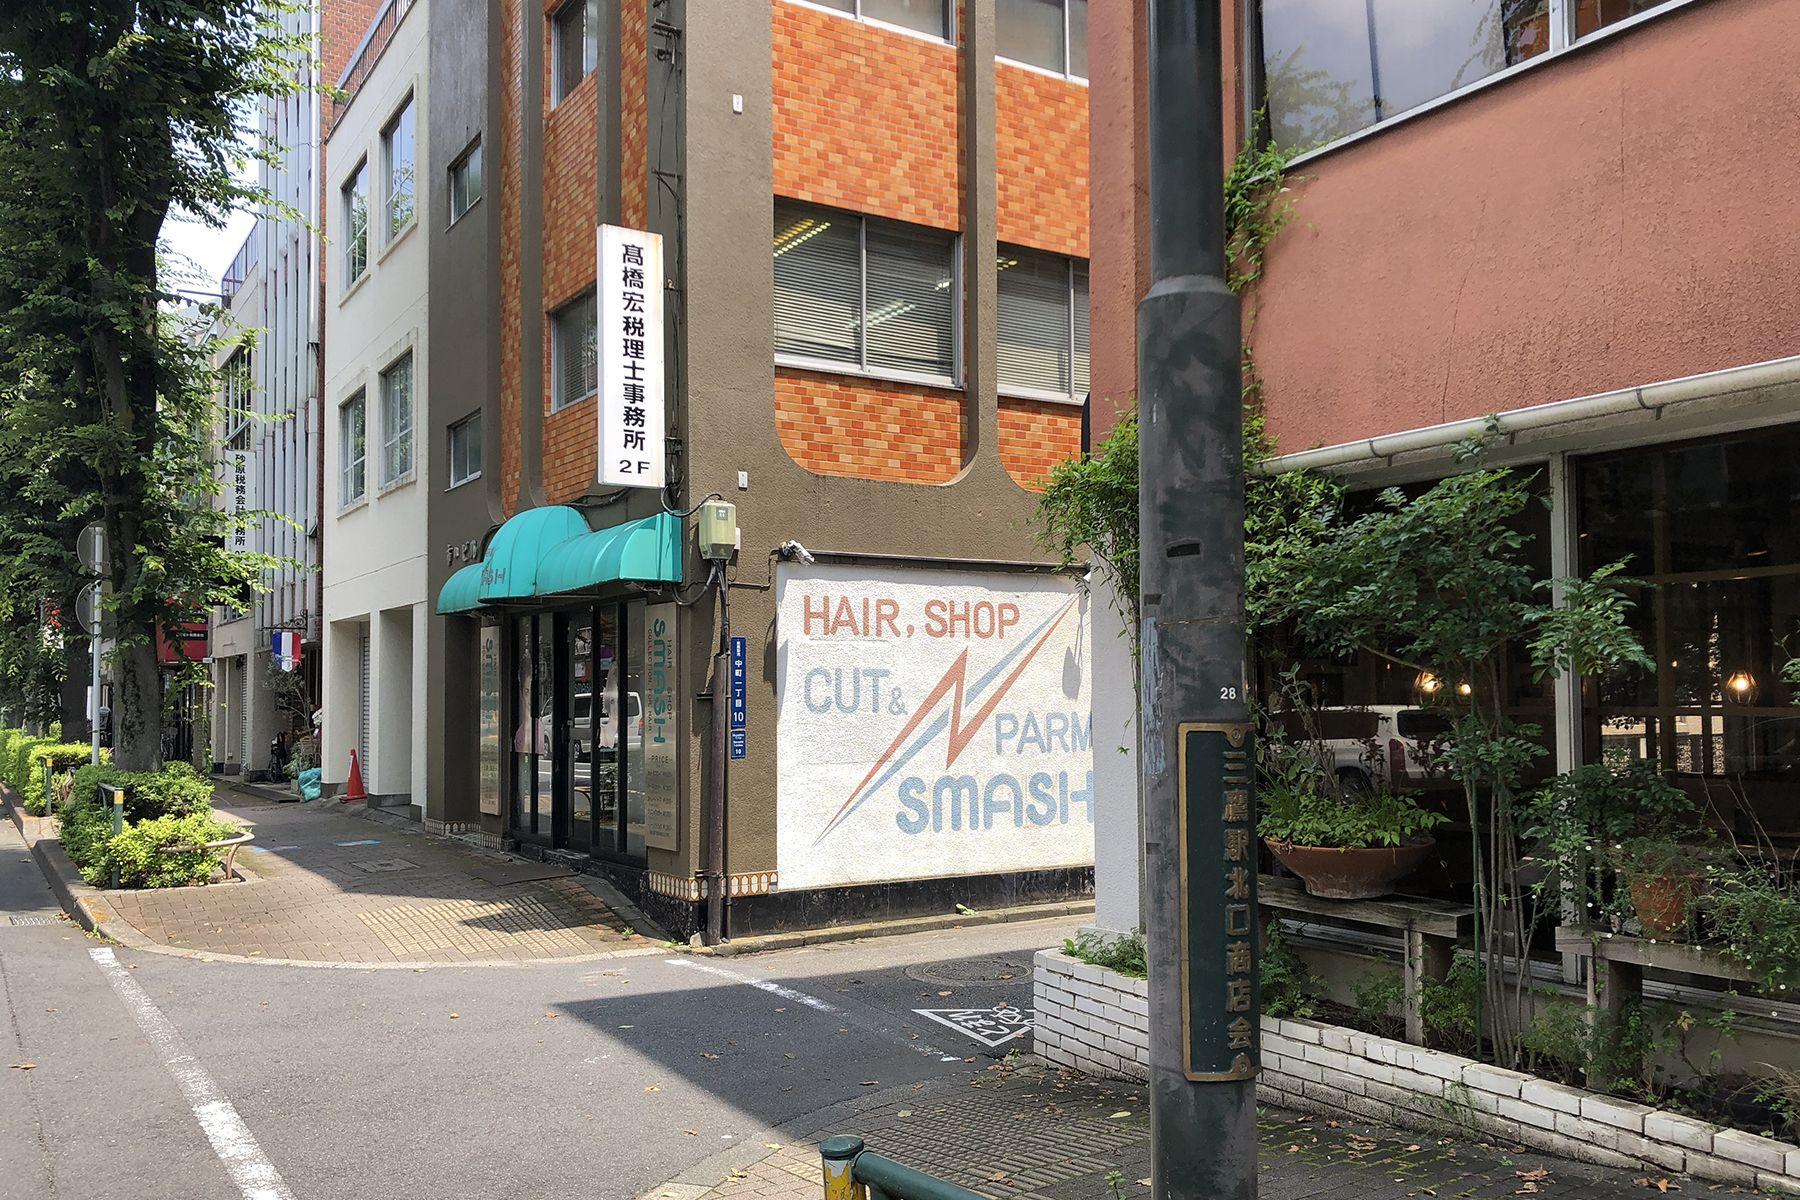 塩/シェアアトリエ (ropeマネジメントスペース)周辺はレトロなビルや店が点在